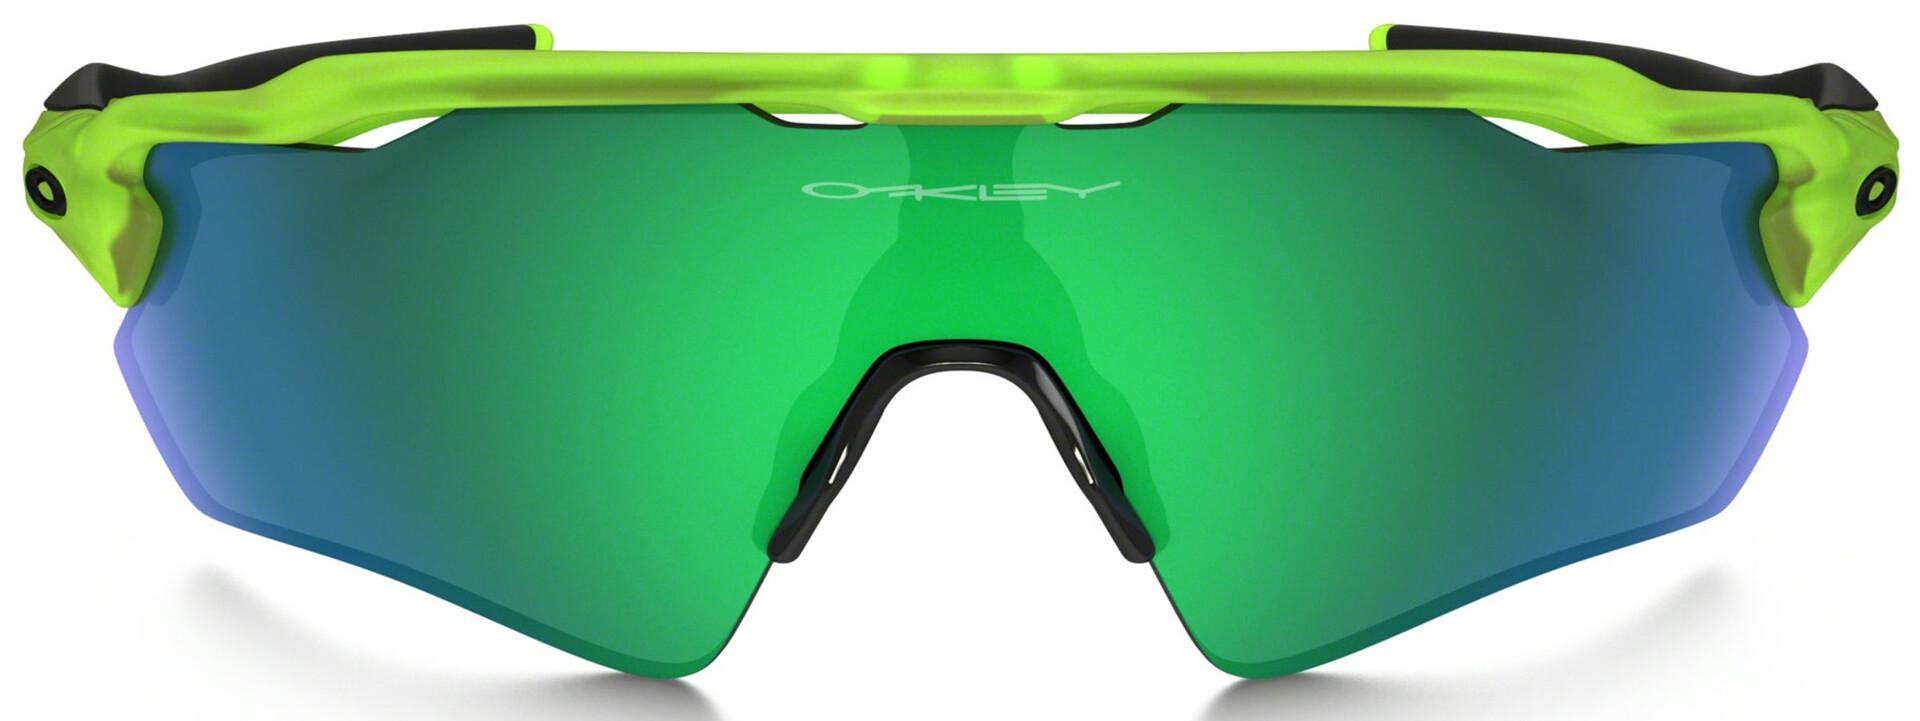 0c7eb85fc361 ... usa oakley radar ev xs path bike glasses green black 566bd 5cd49